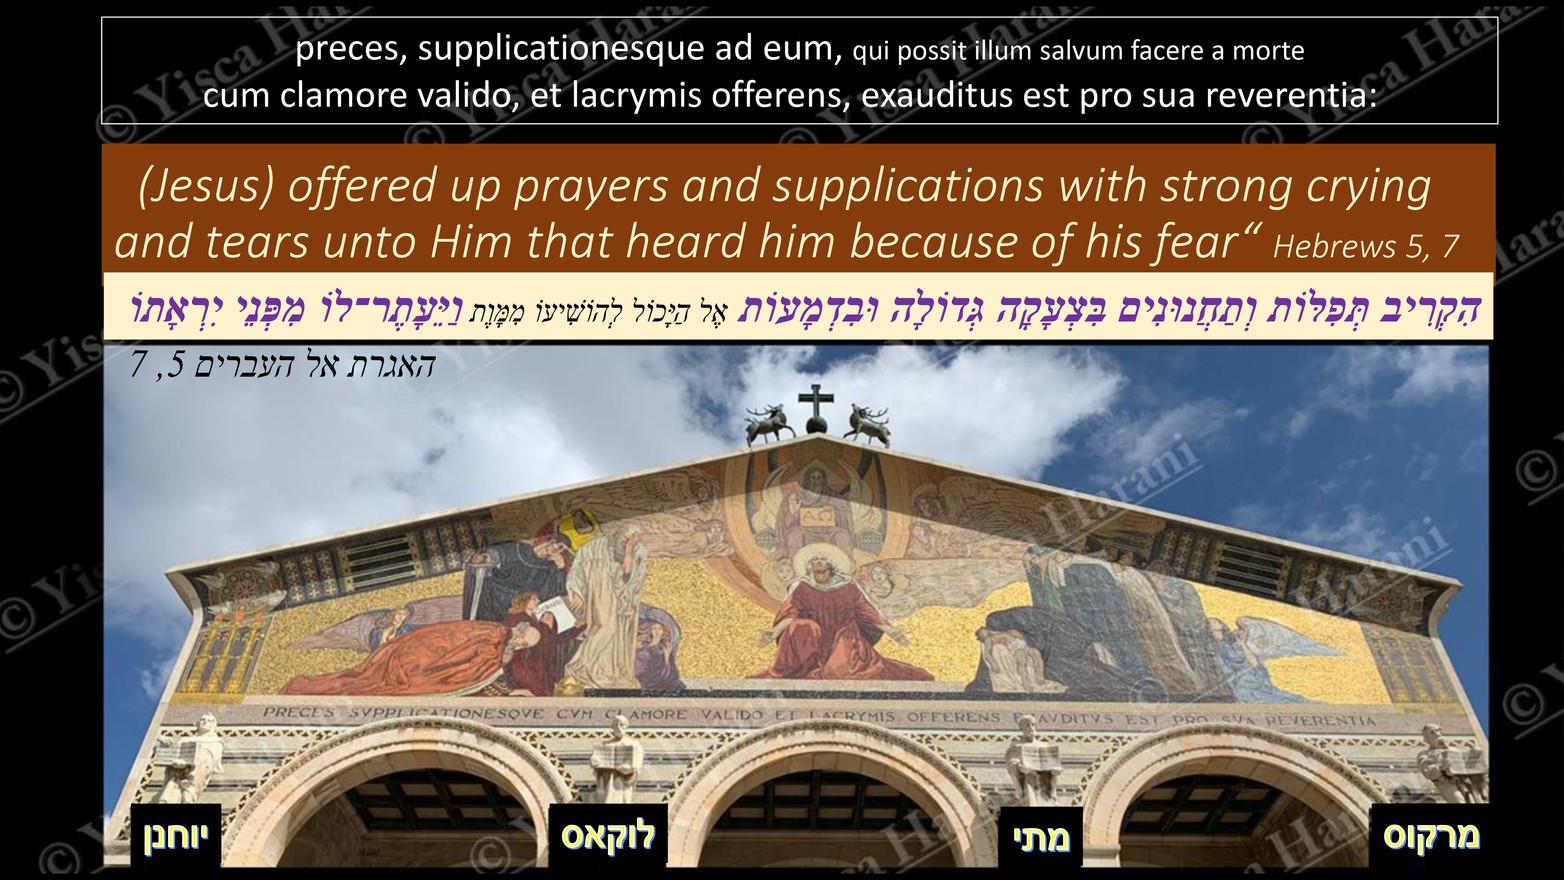 תרגום הכתובות על חזית כנסיית הבשורה